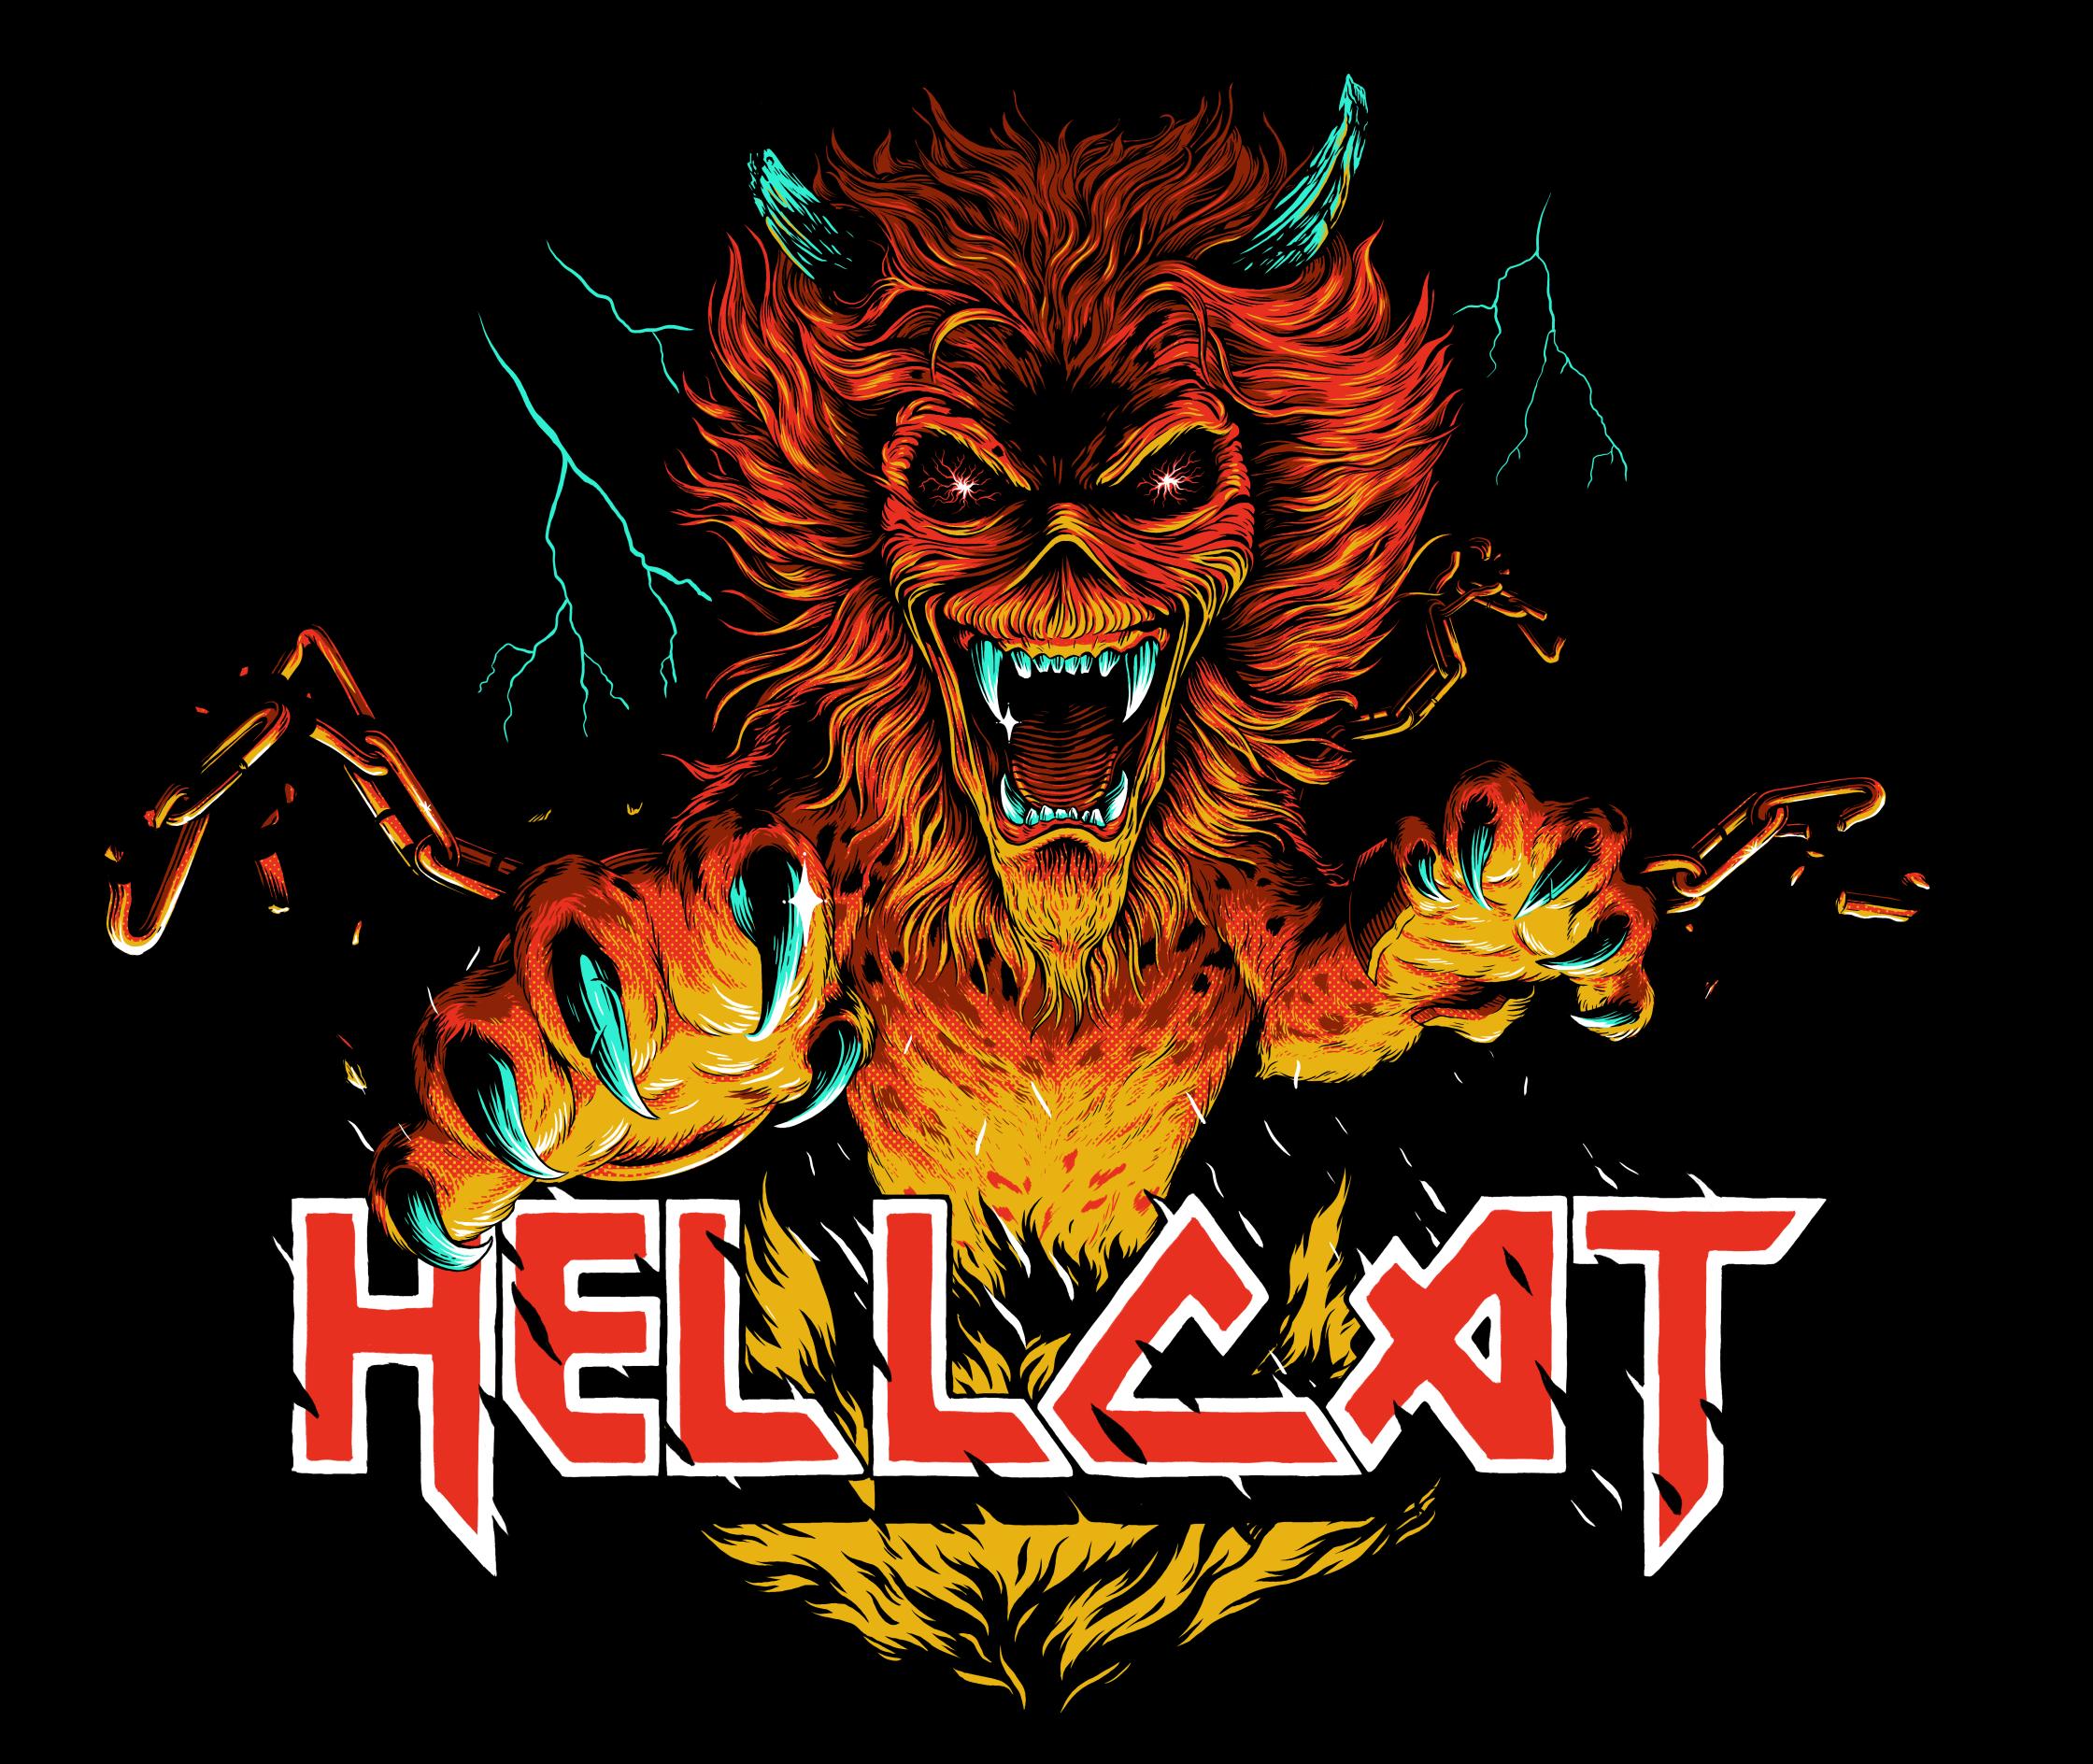 BREWDOG_HELLCAT_FINAL.png